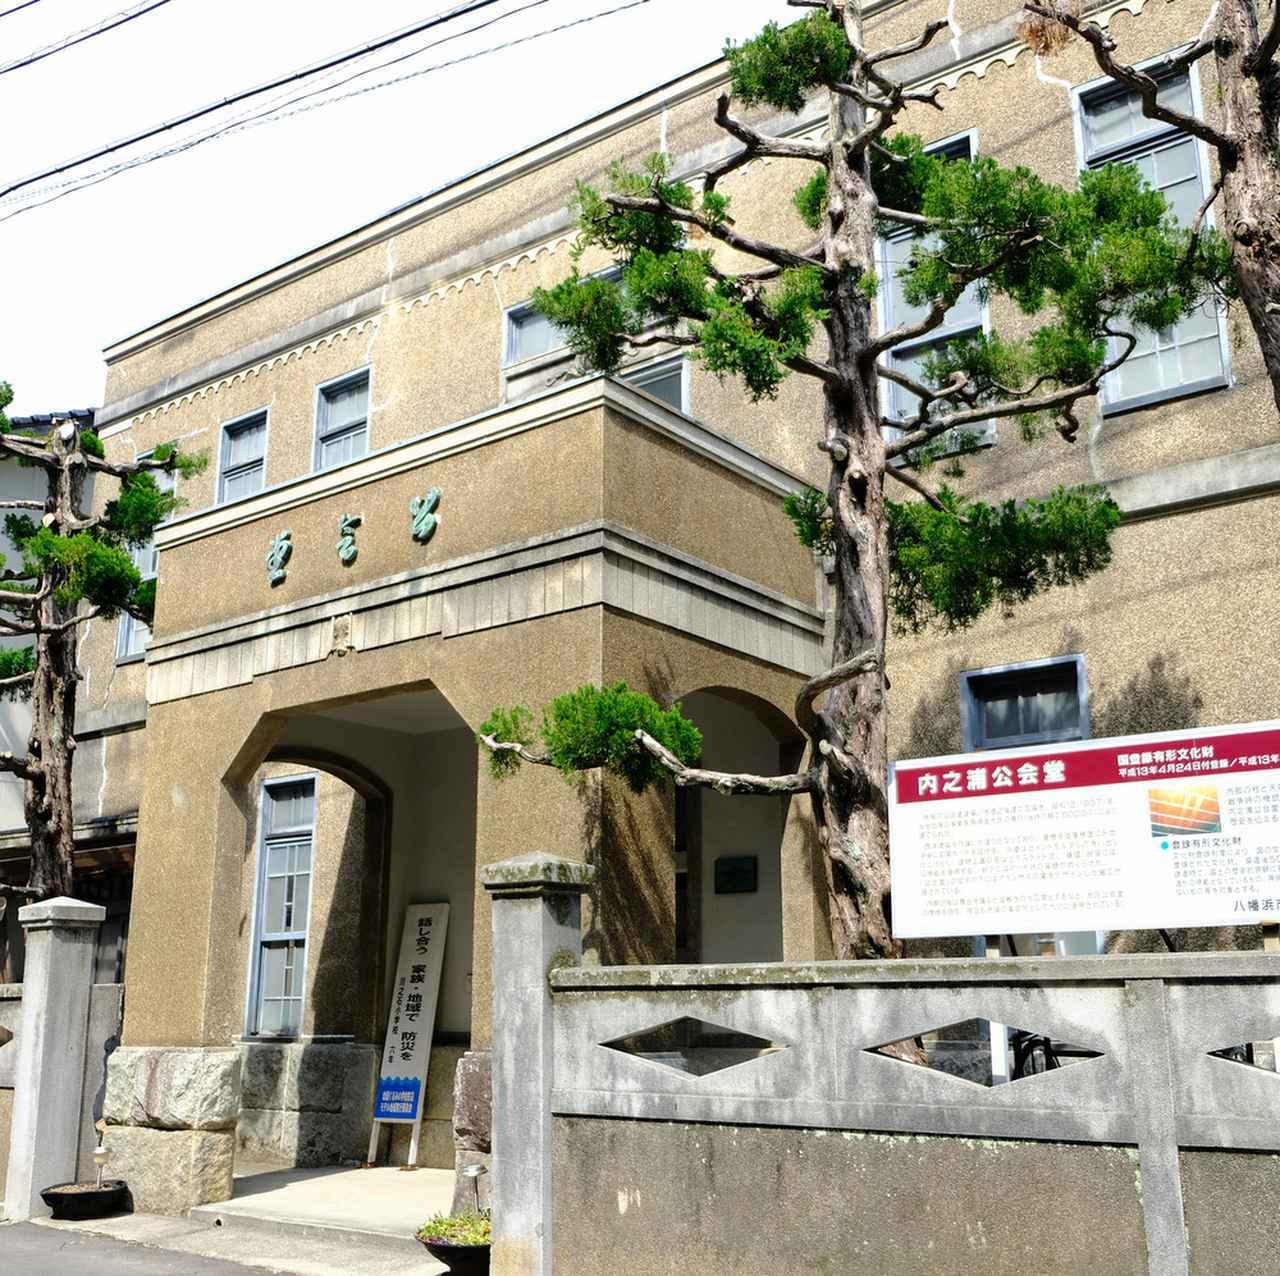 画像: さらに進んで内之浦公会堂。内部には入れませんでしたが、こちらは国登録の有形文化財です。細かいところに細工が施されていて通好みな雰囲気です。